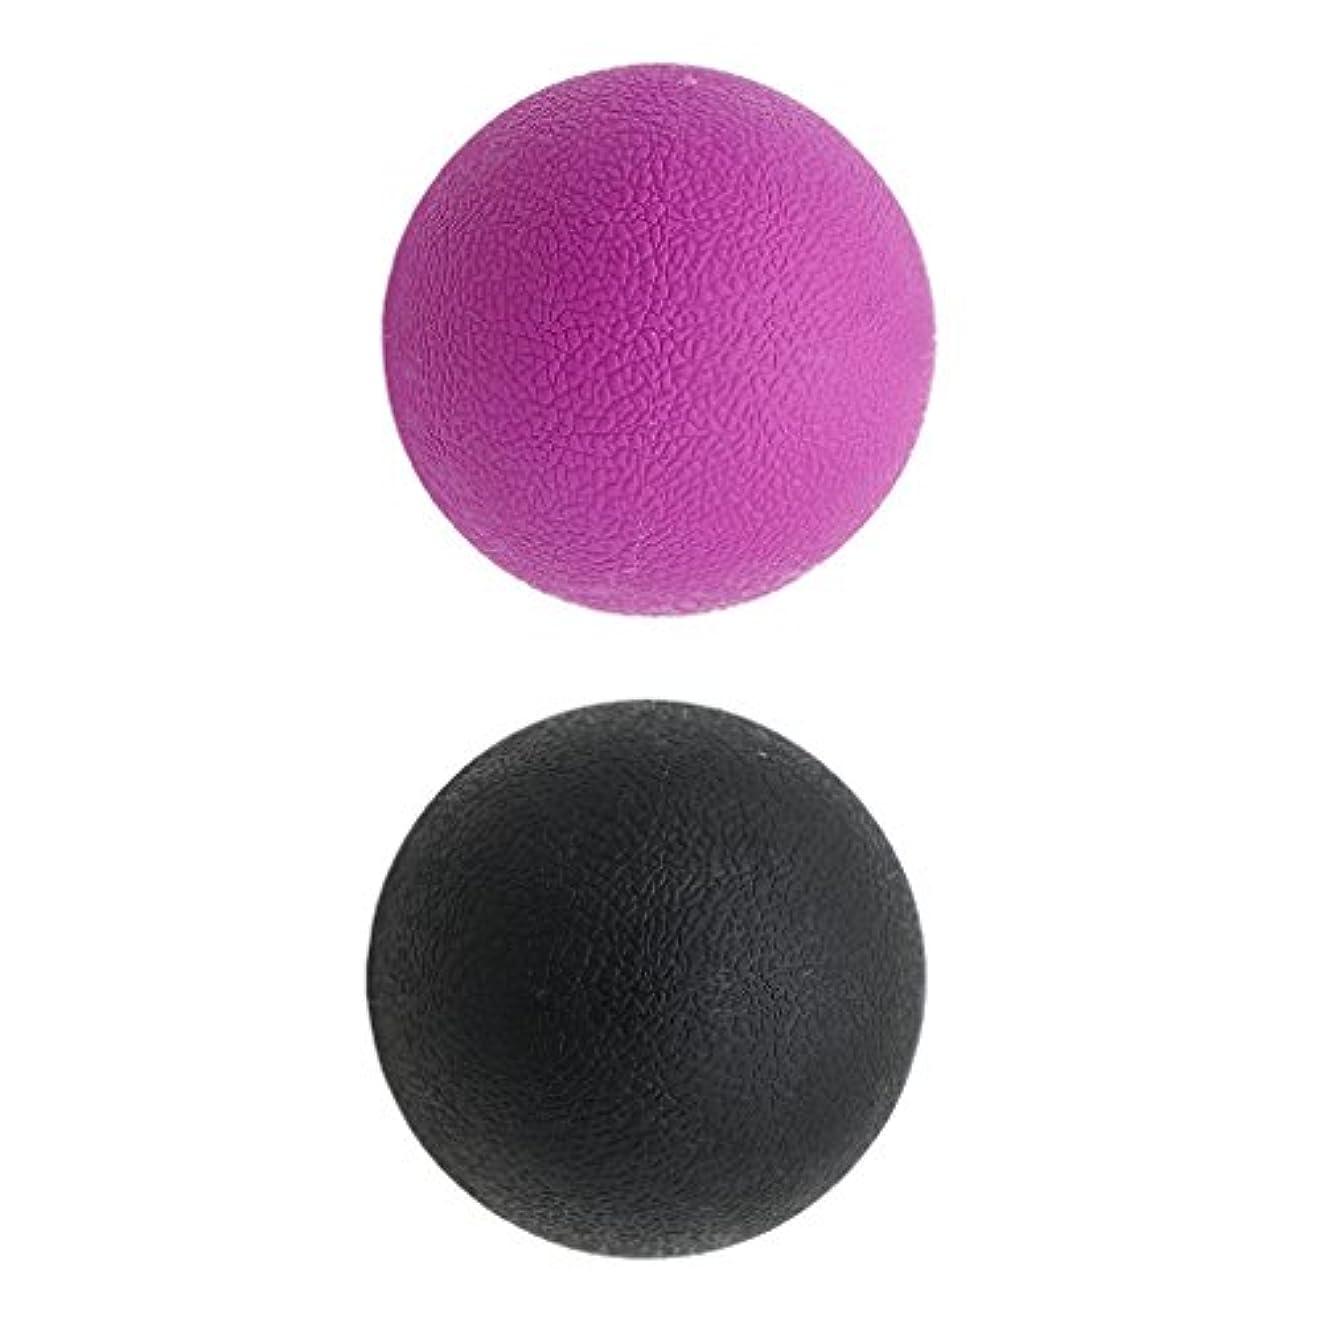 倉庫オークランド気づくなるKesoto 2個 マッサージボール ラクロスボール 背部 トリガ ポイント マッサージ 多色選べる - ブラックパープル